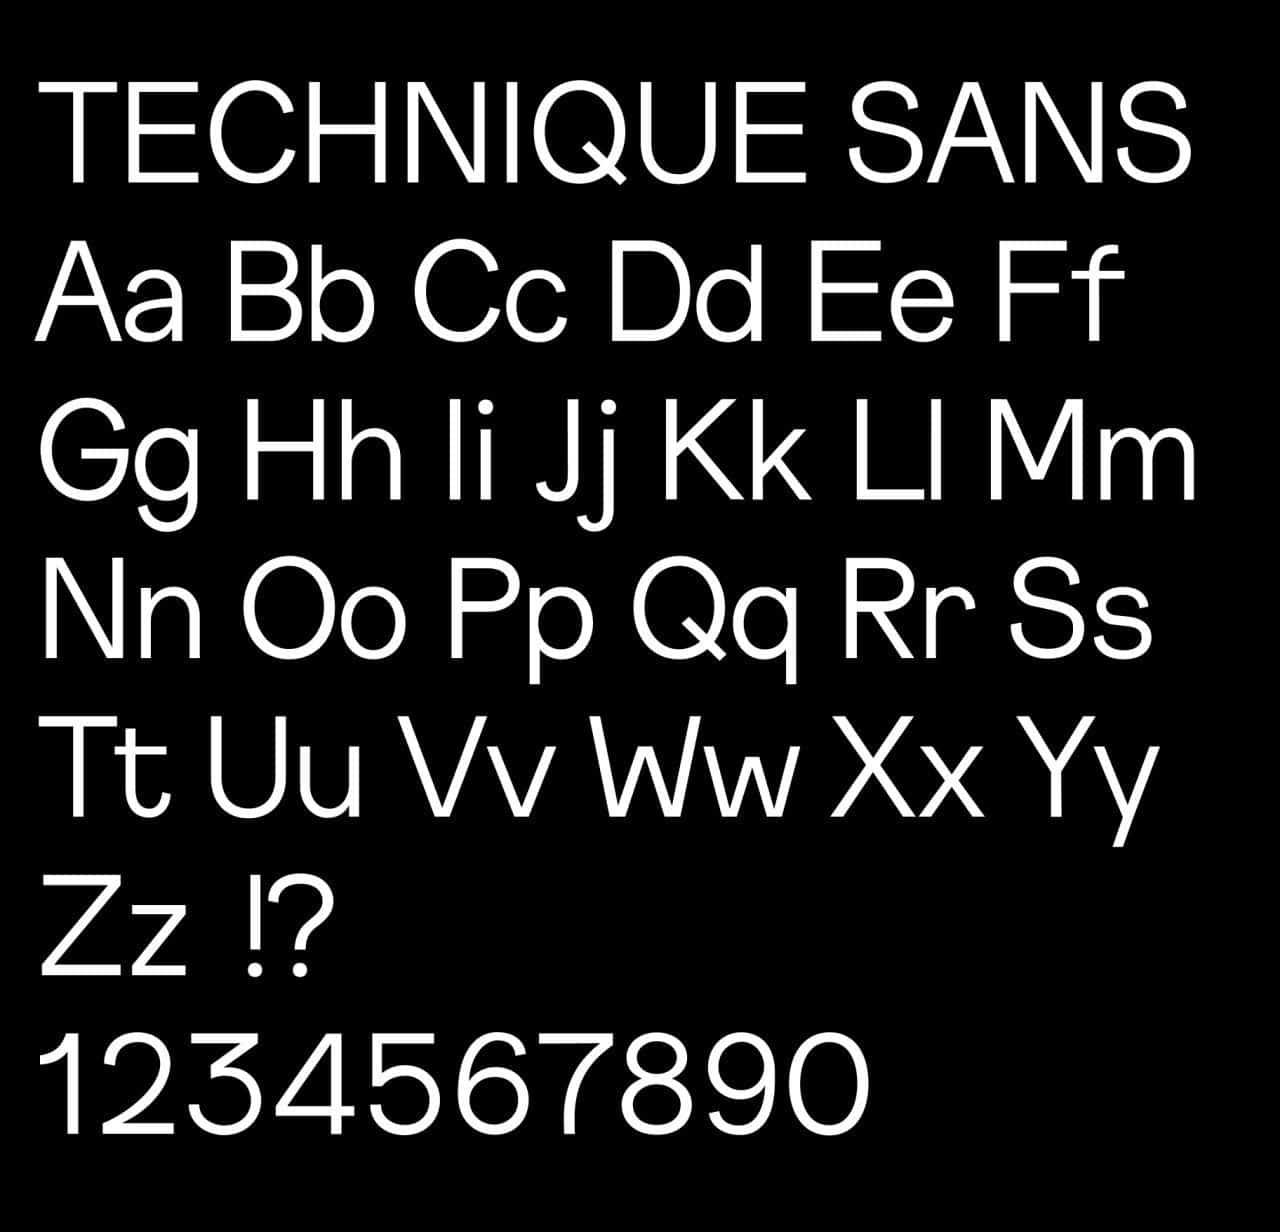 Technique шрифт скачать бесплатно